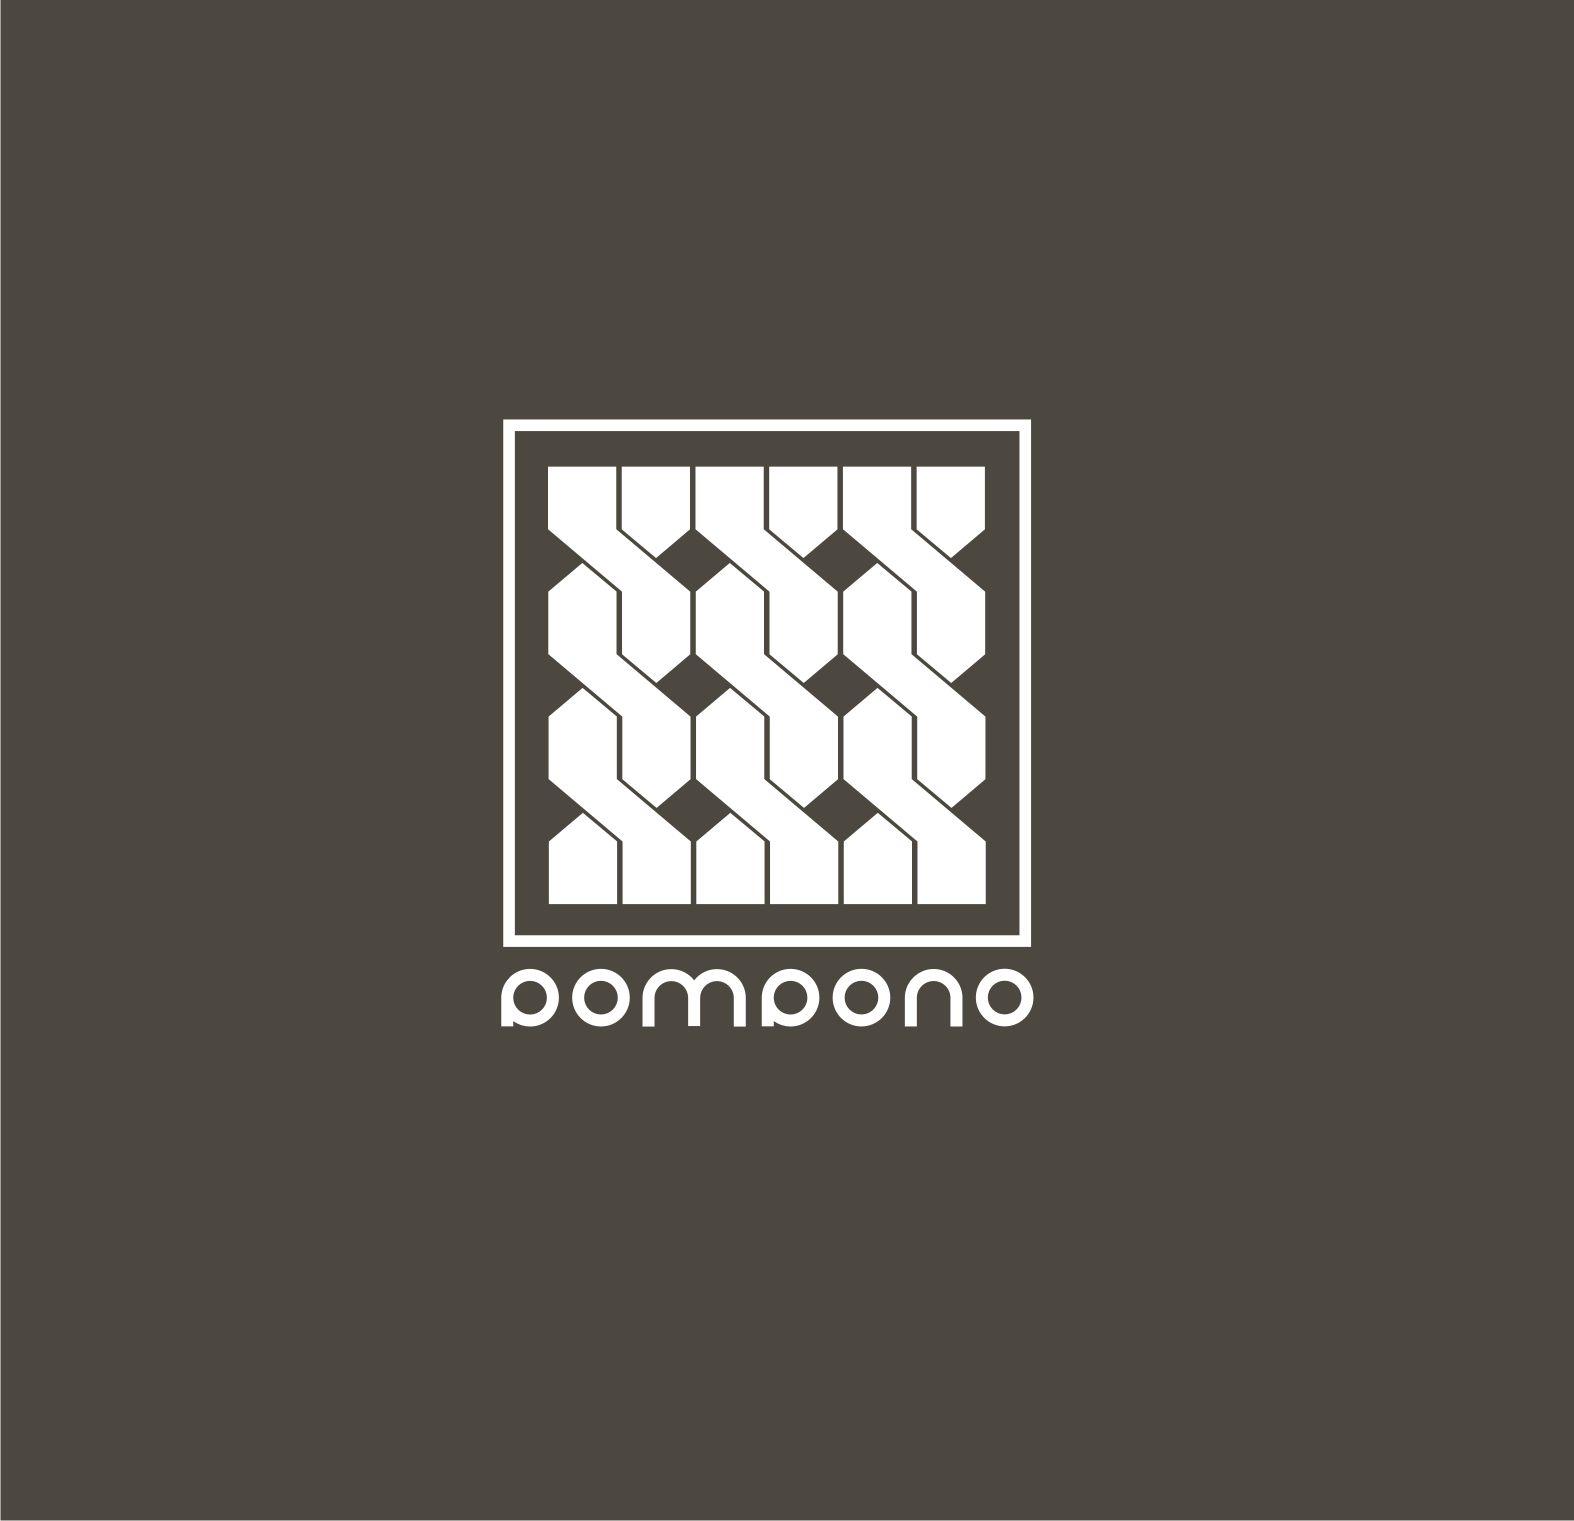 Логотип для шапок Pompono - дизайнер 89638480888